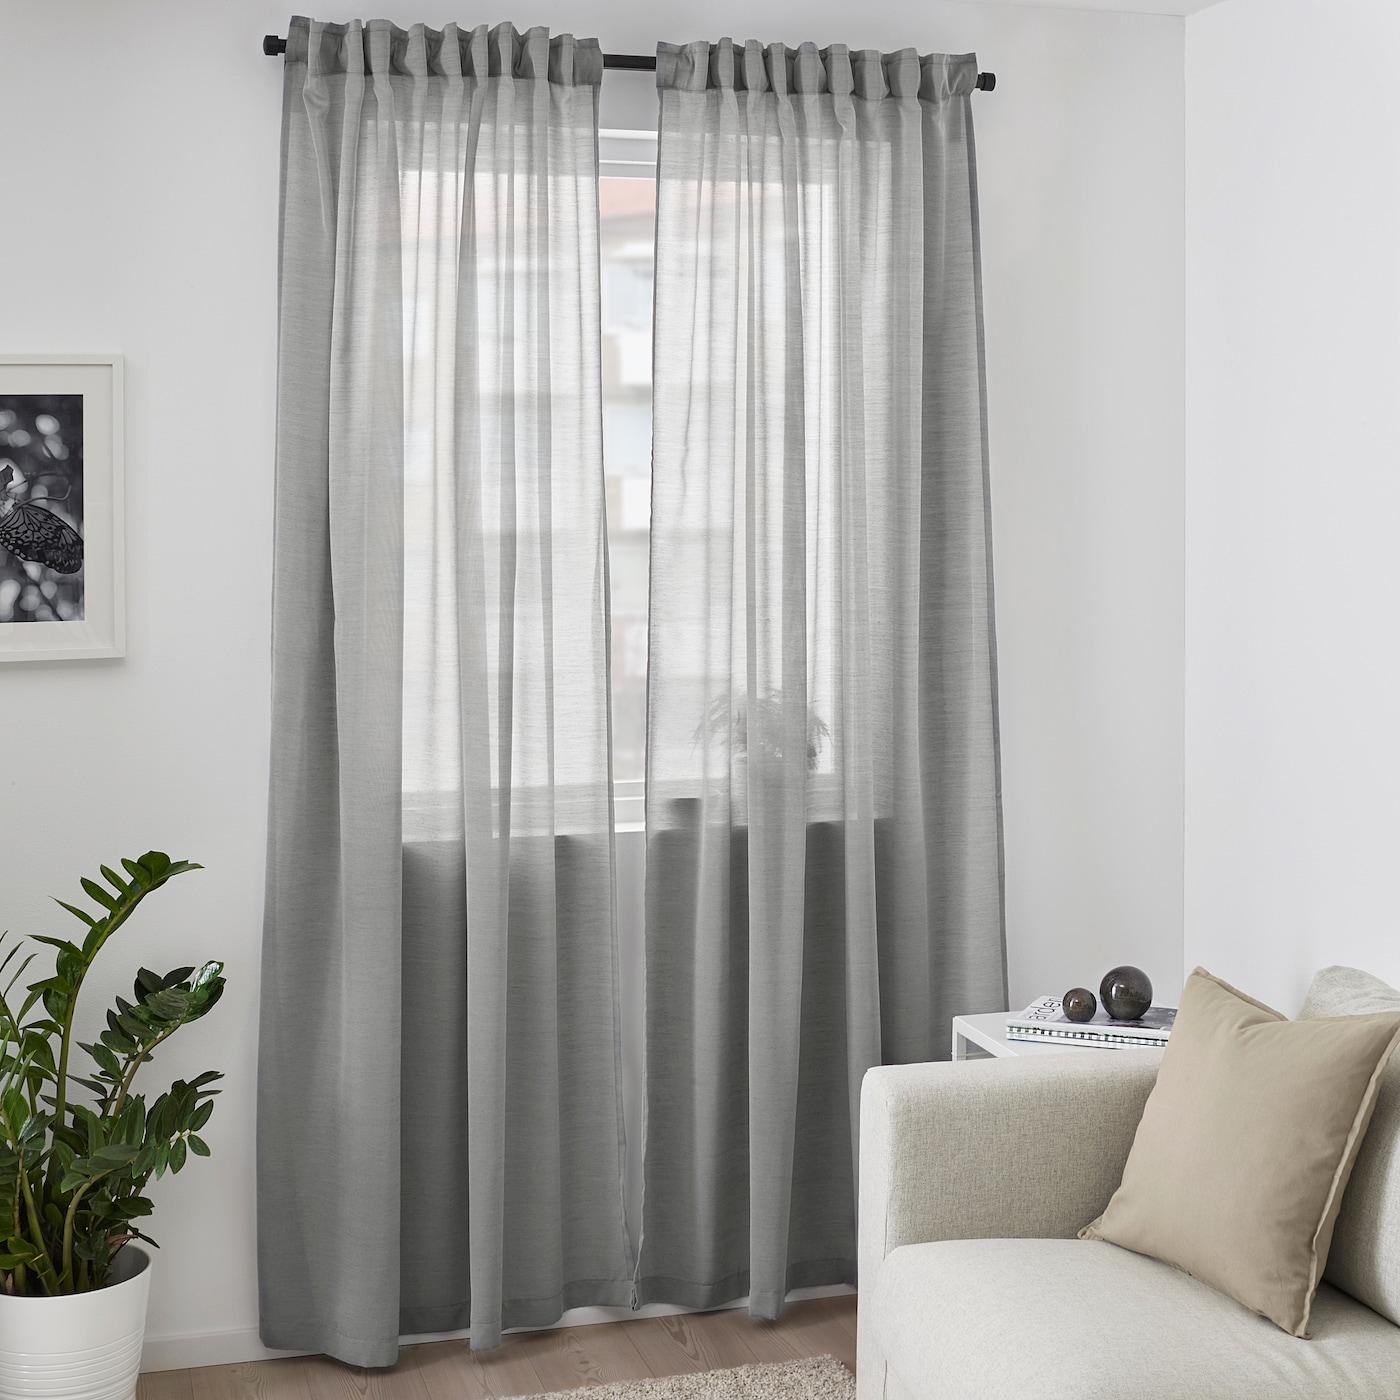 Rideau Gris Perle Ikea hilja rideaux, 2 pièces - gris 145x300 cm